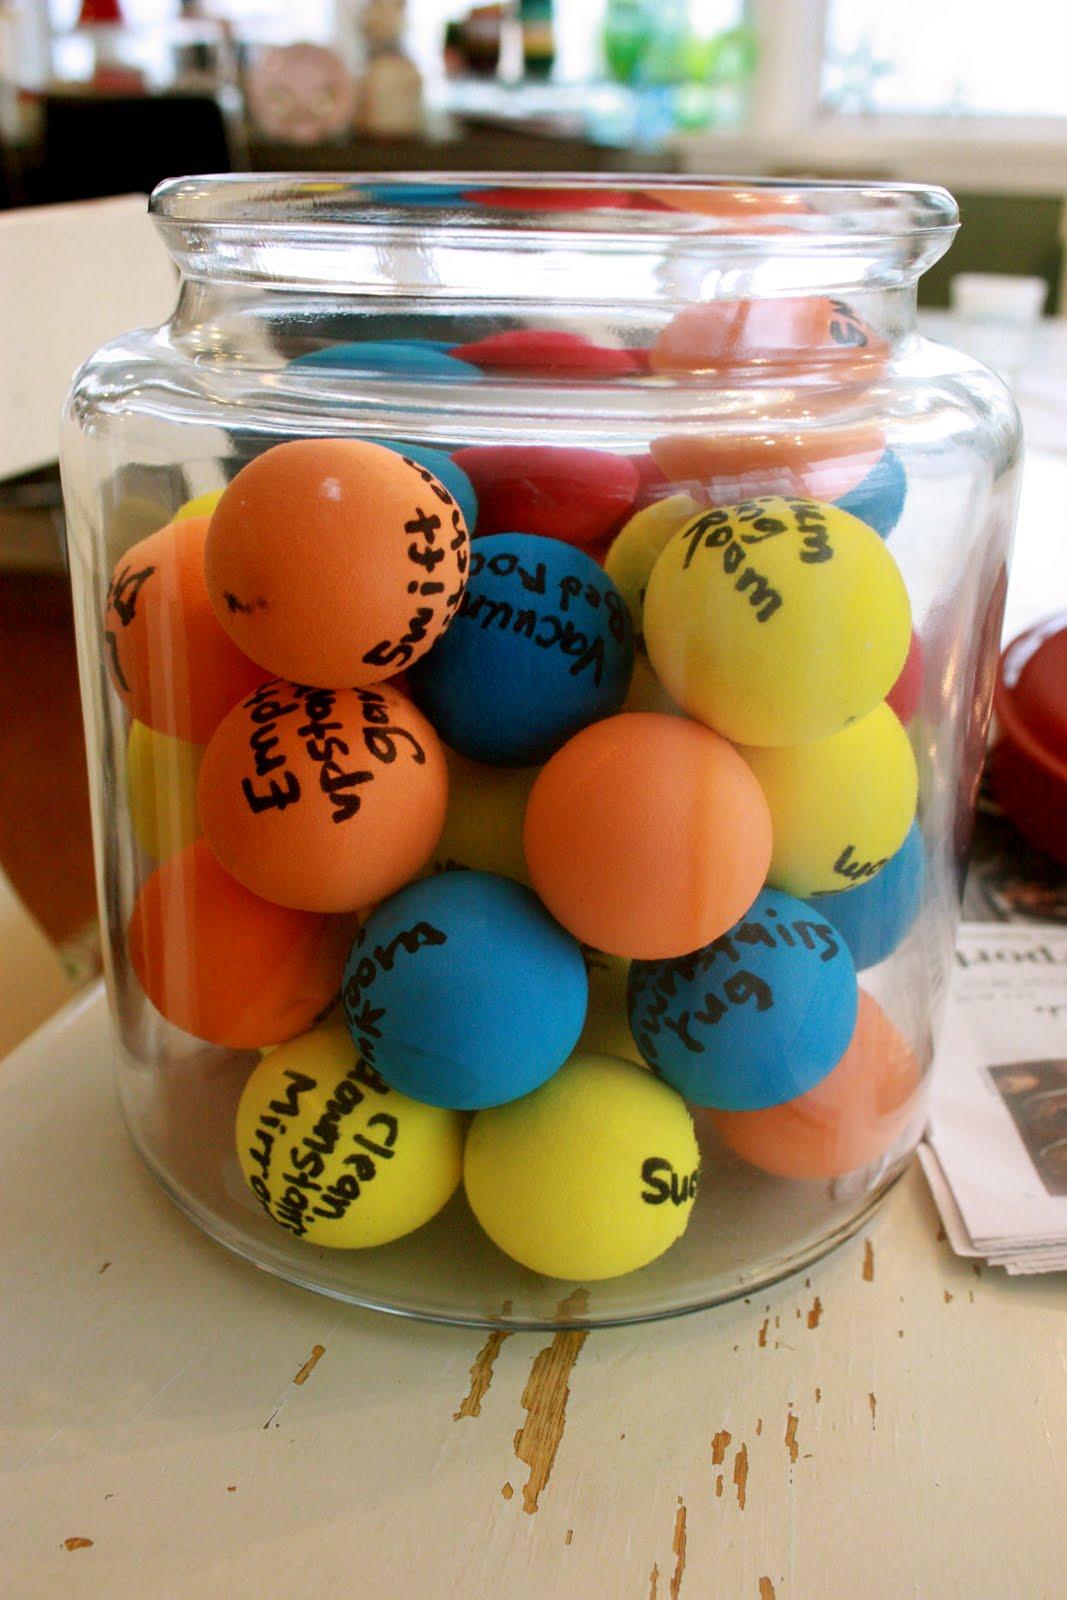 Job Chore Balls